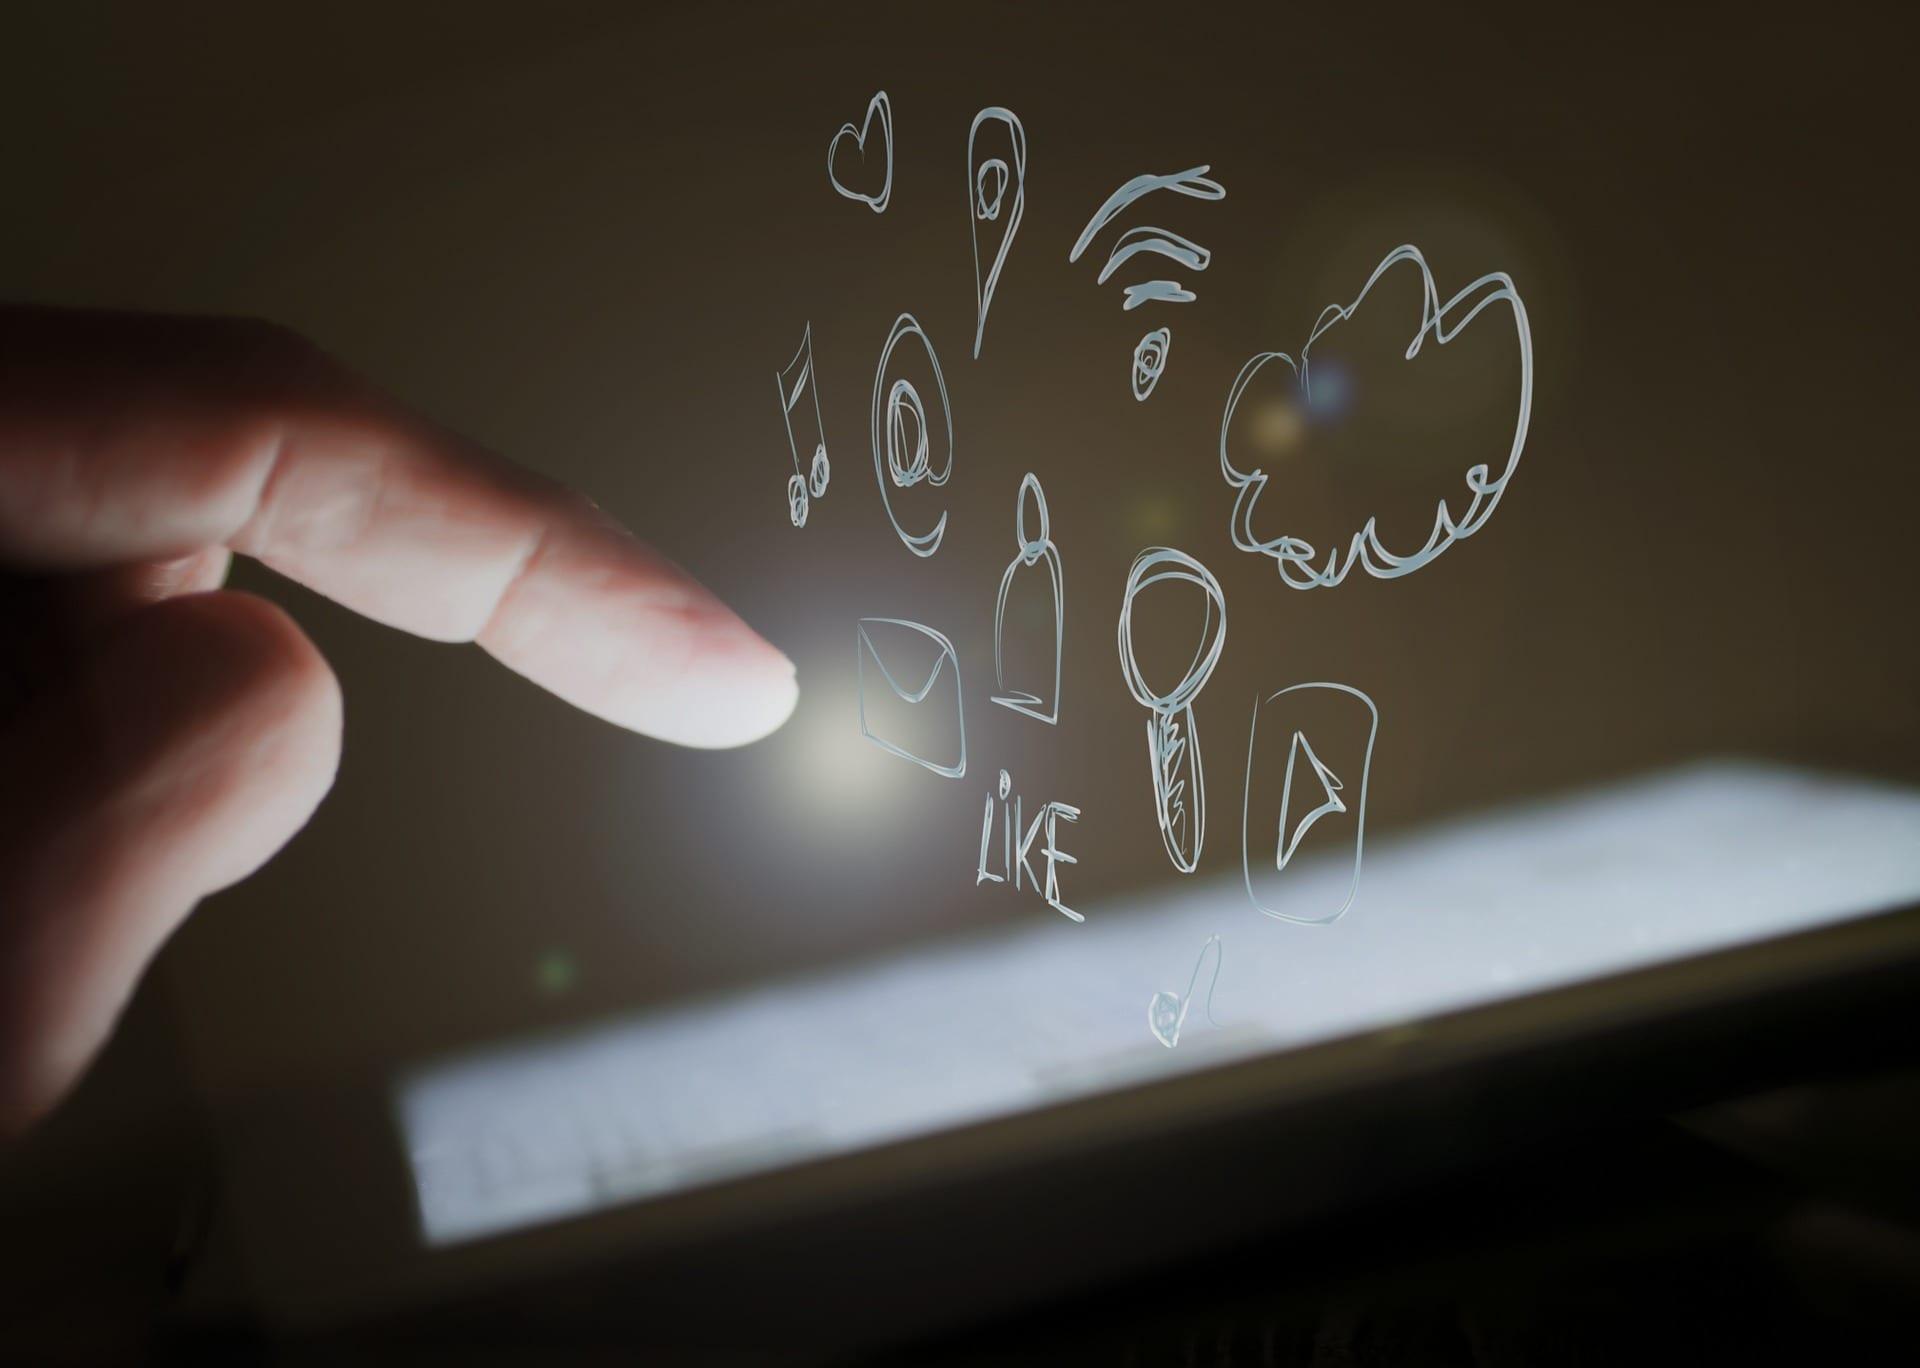 aumentar o engajamento nas redes sociais